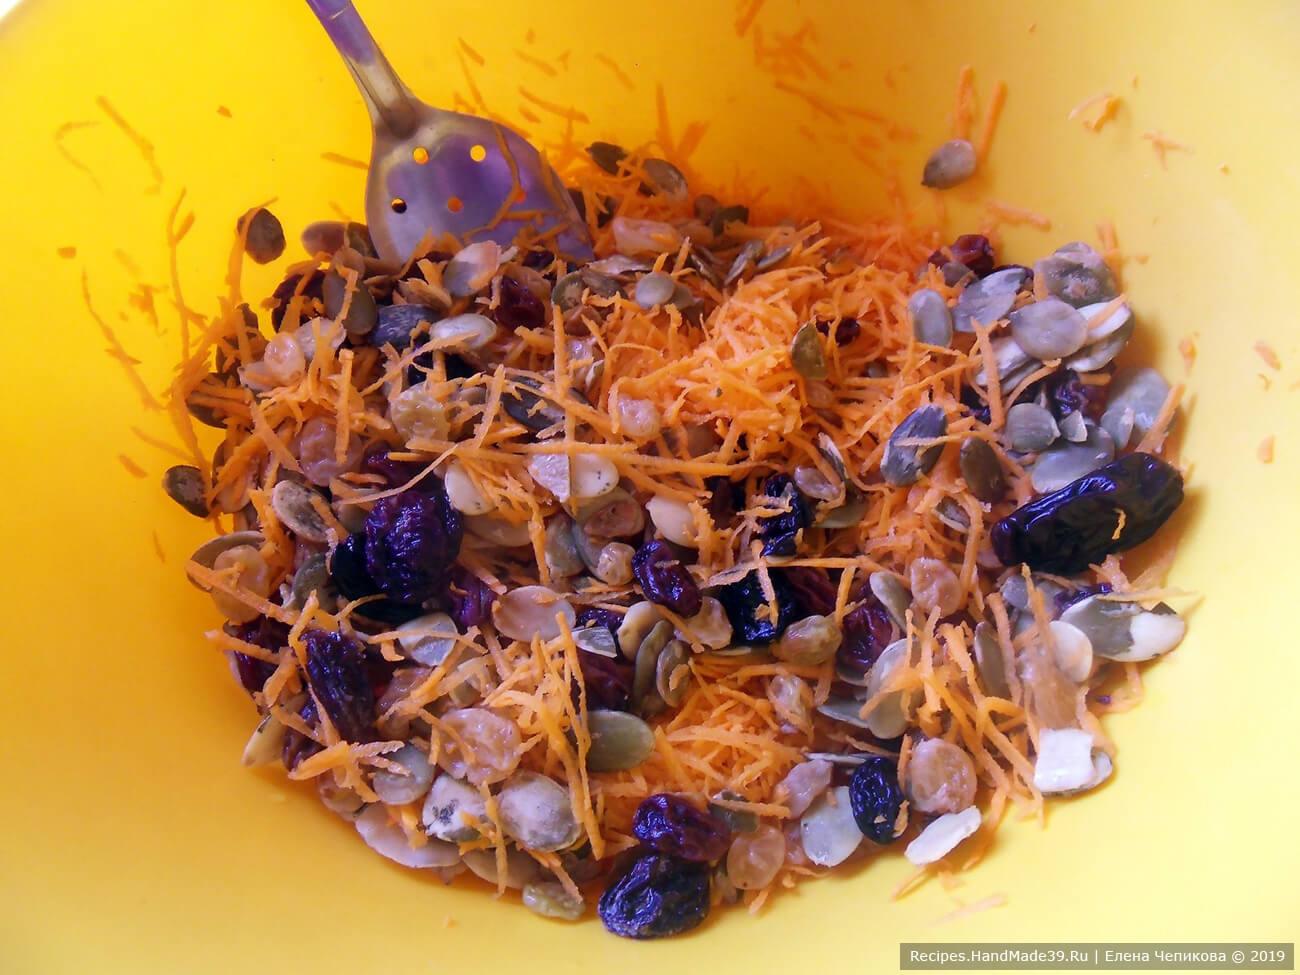 Соединить морковь, изюм, тыквенные семечки и моцареллу